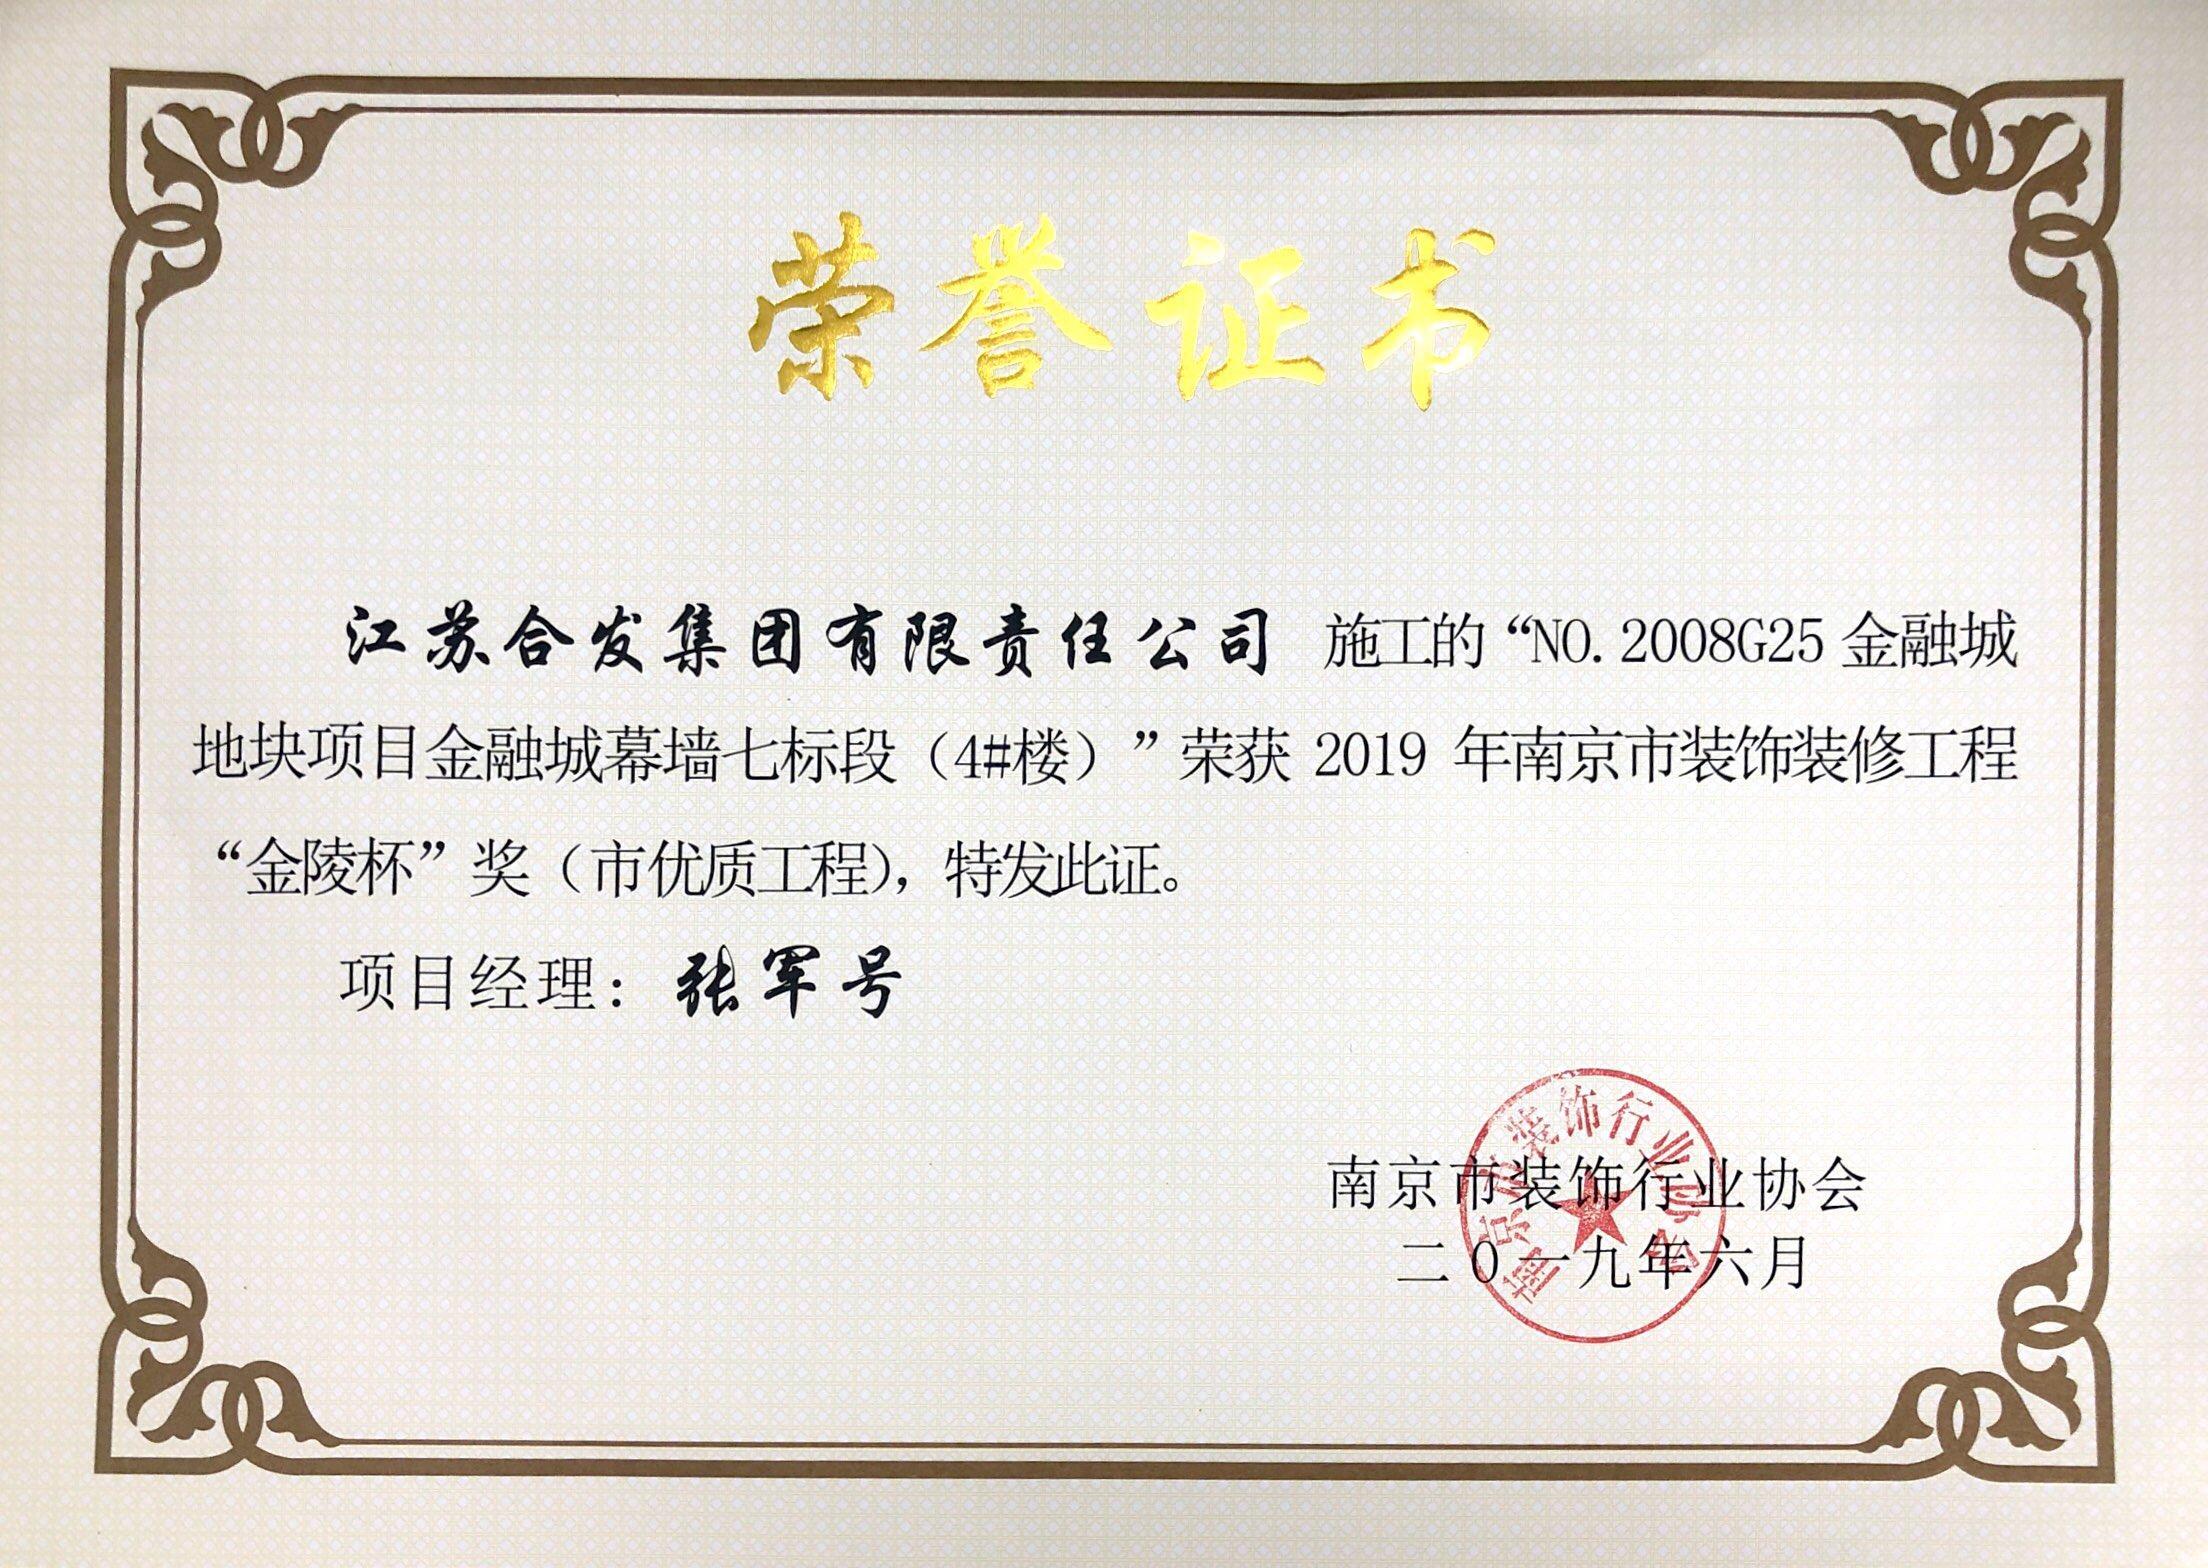 NO.2008G25金融城地塊項目金融城幕墻七標段(4#樓)